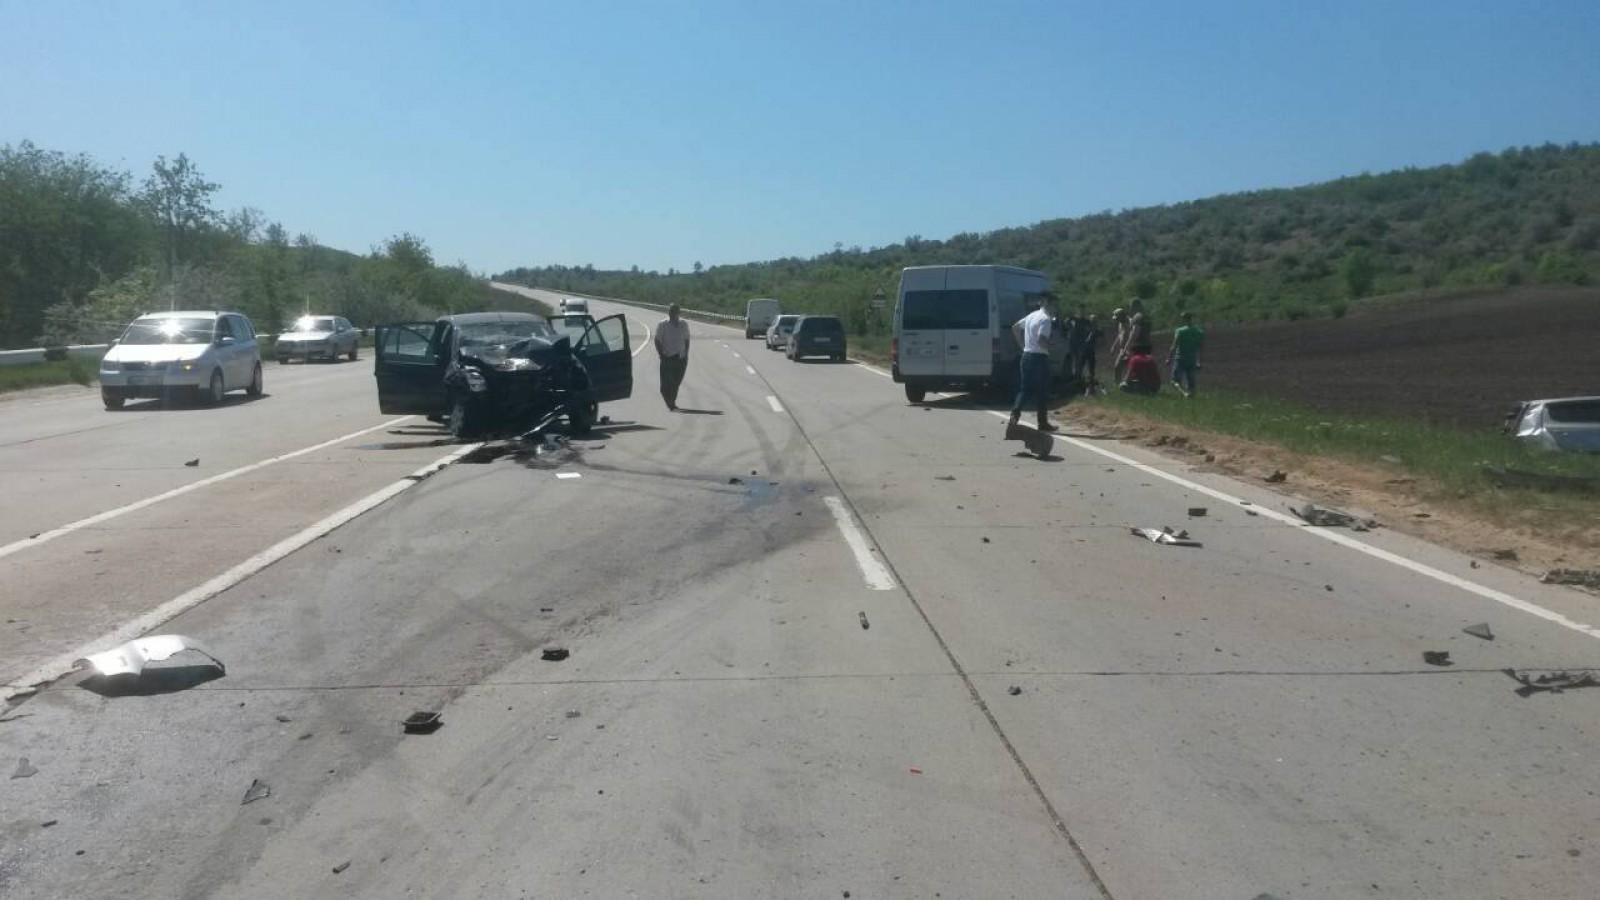 Серьезная авария на трассе: машину выкинуло на обочину, как минимум двое пострадали (ФОТО)